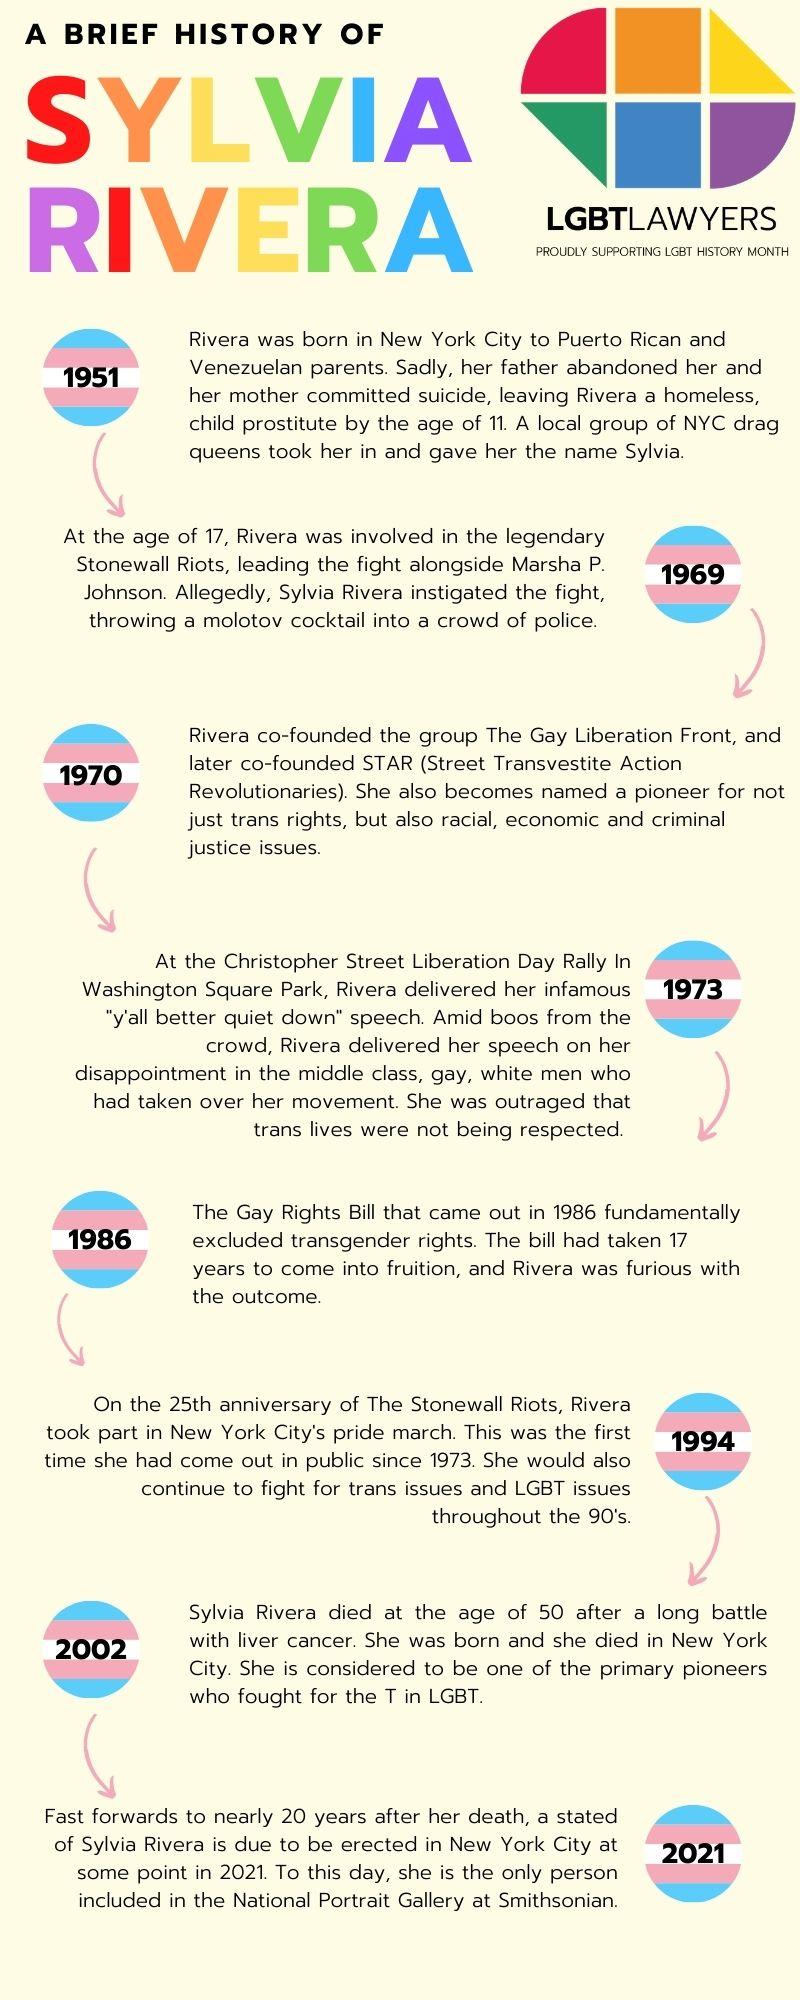 Sylvia Rivera: A Brief History